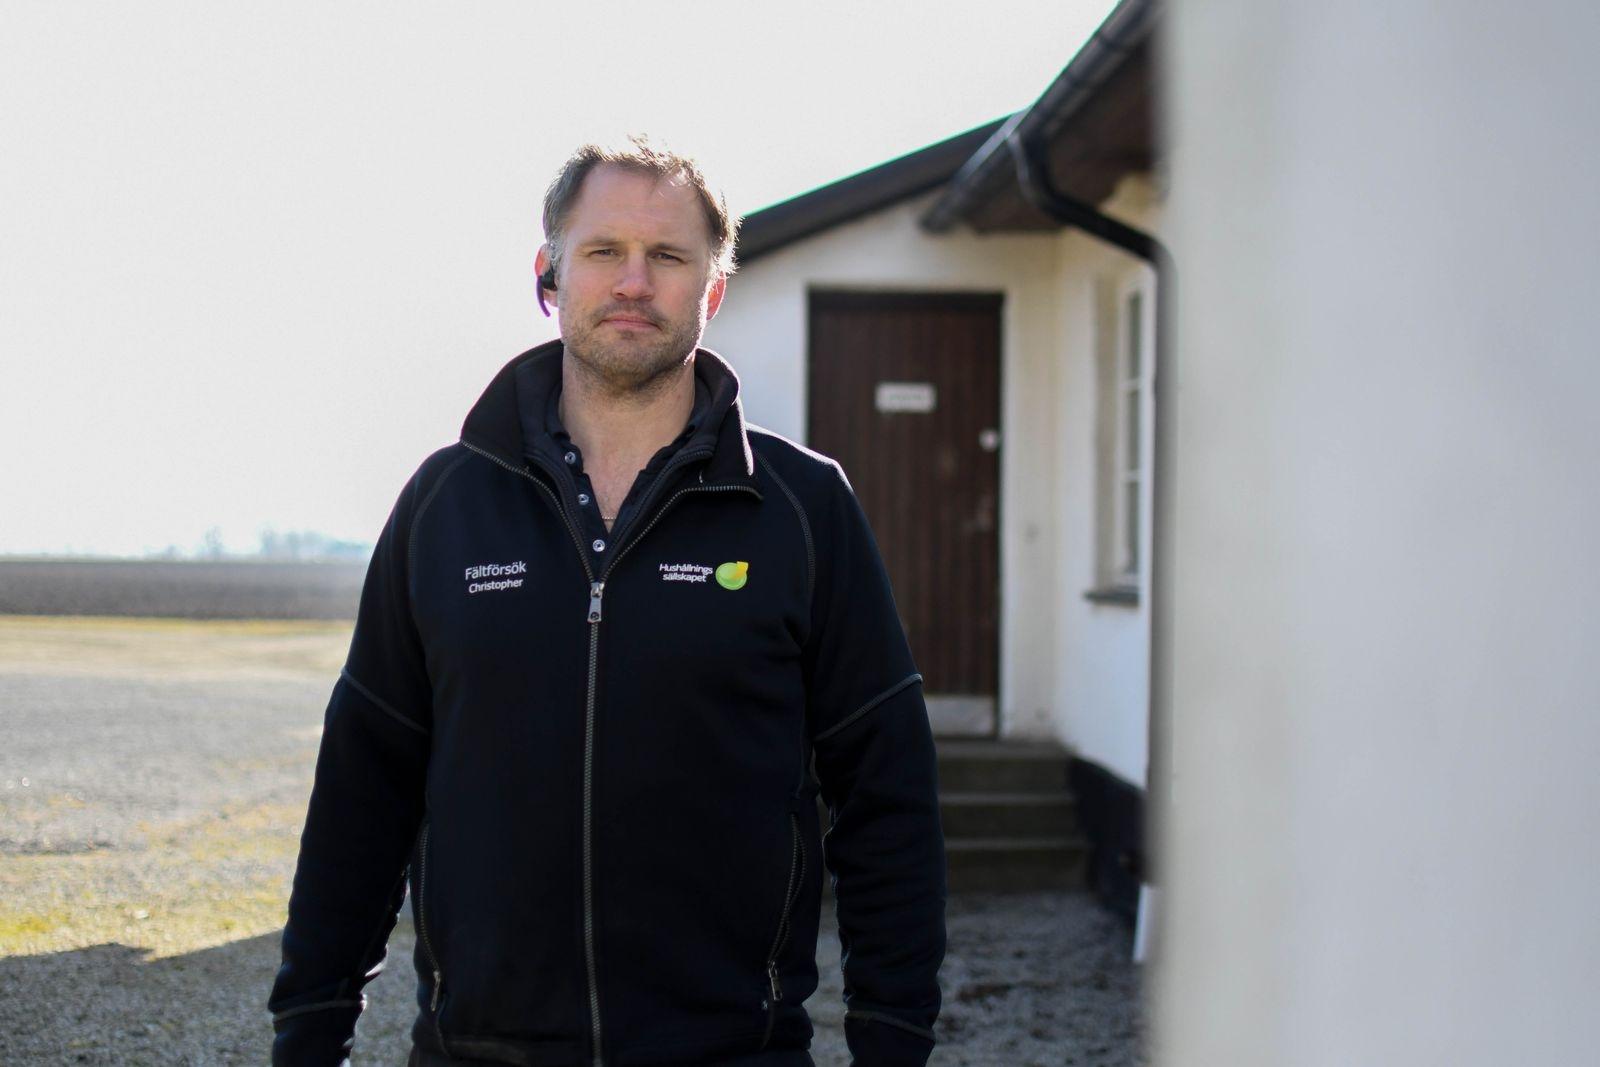 Christopher Yngvesson är nytillträdd gårdsutvecklare för Sandby gård.